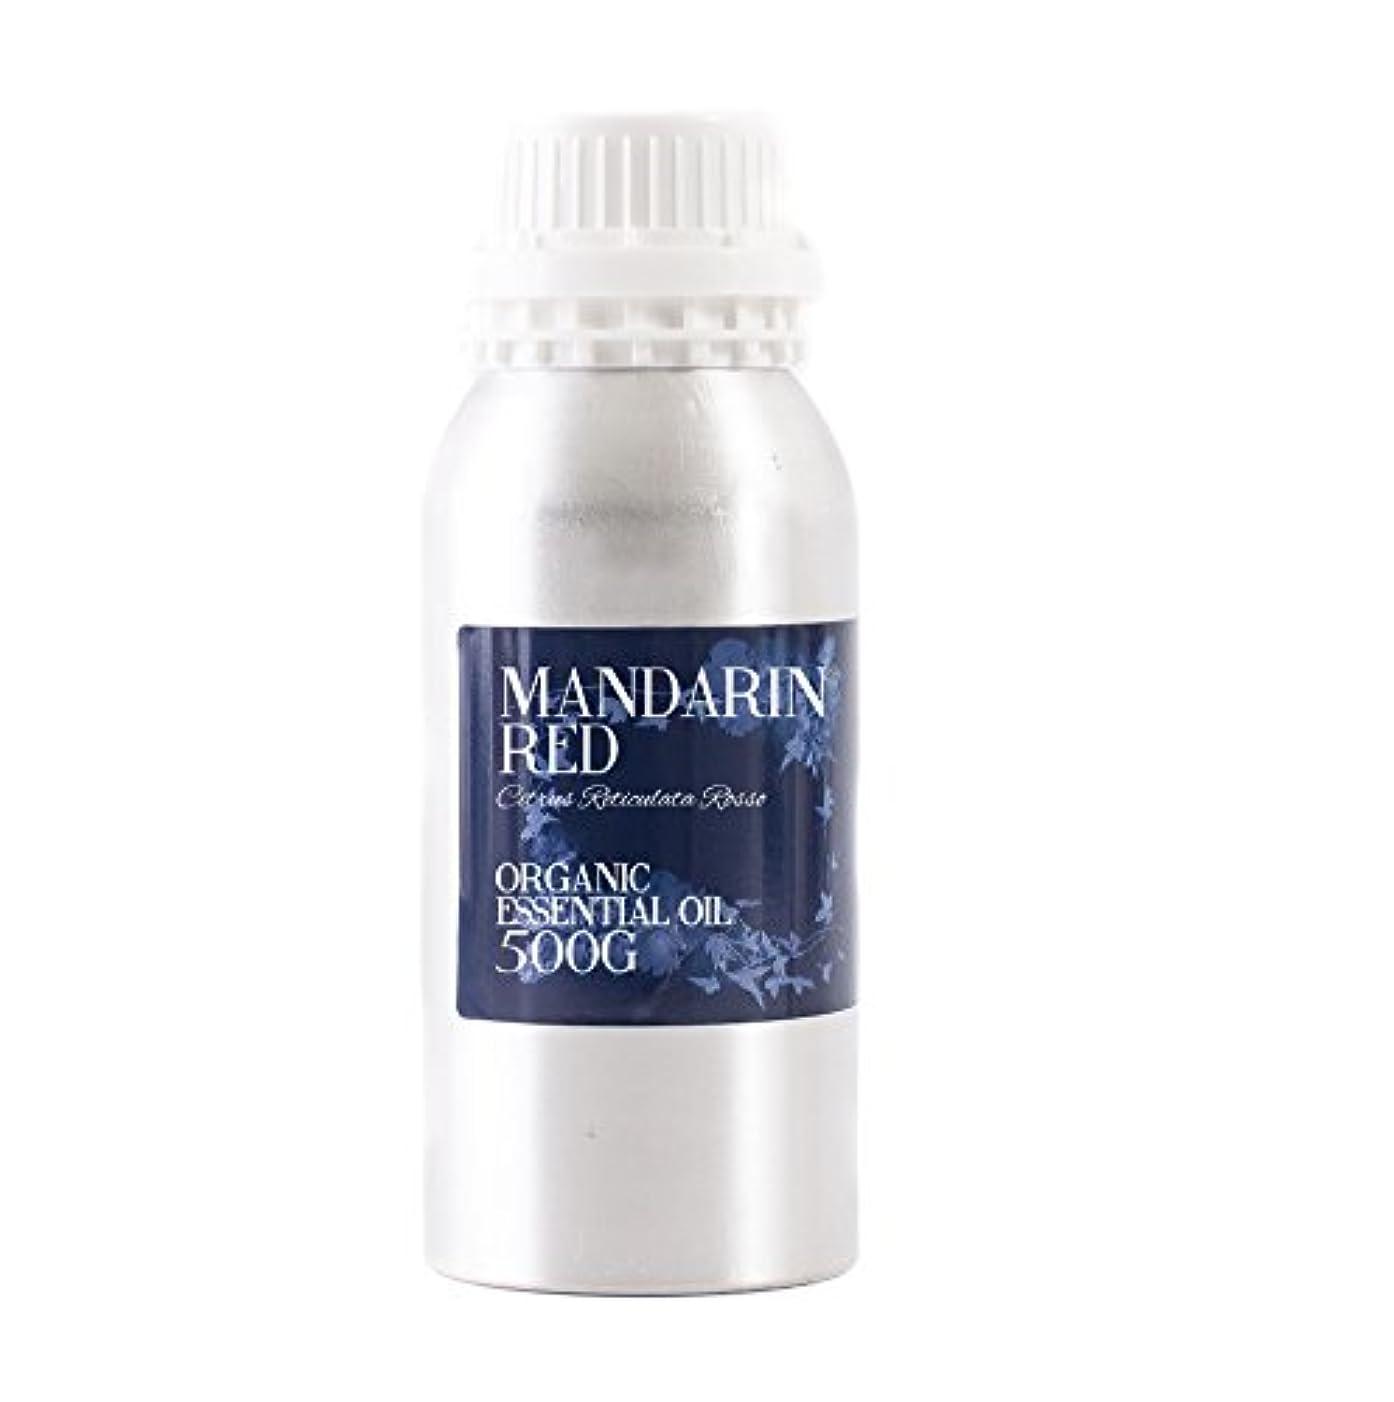 クリーク健康マウスMystic Moments | Mandarin Red Organic Essential Oil - 500g - 100% Pure